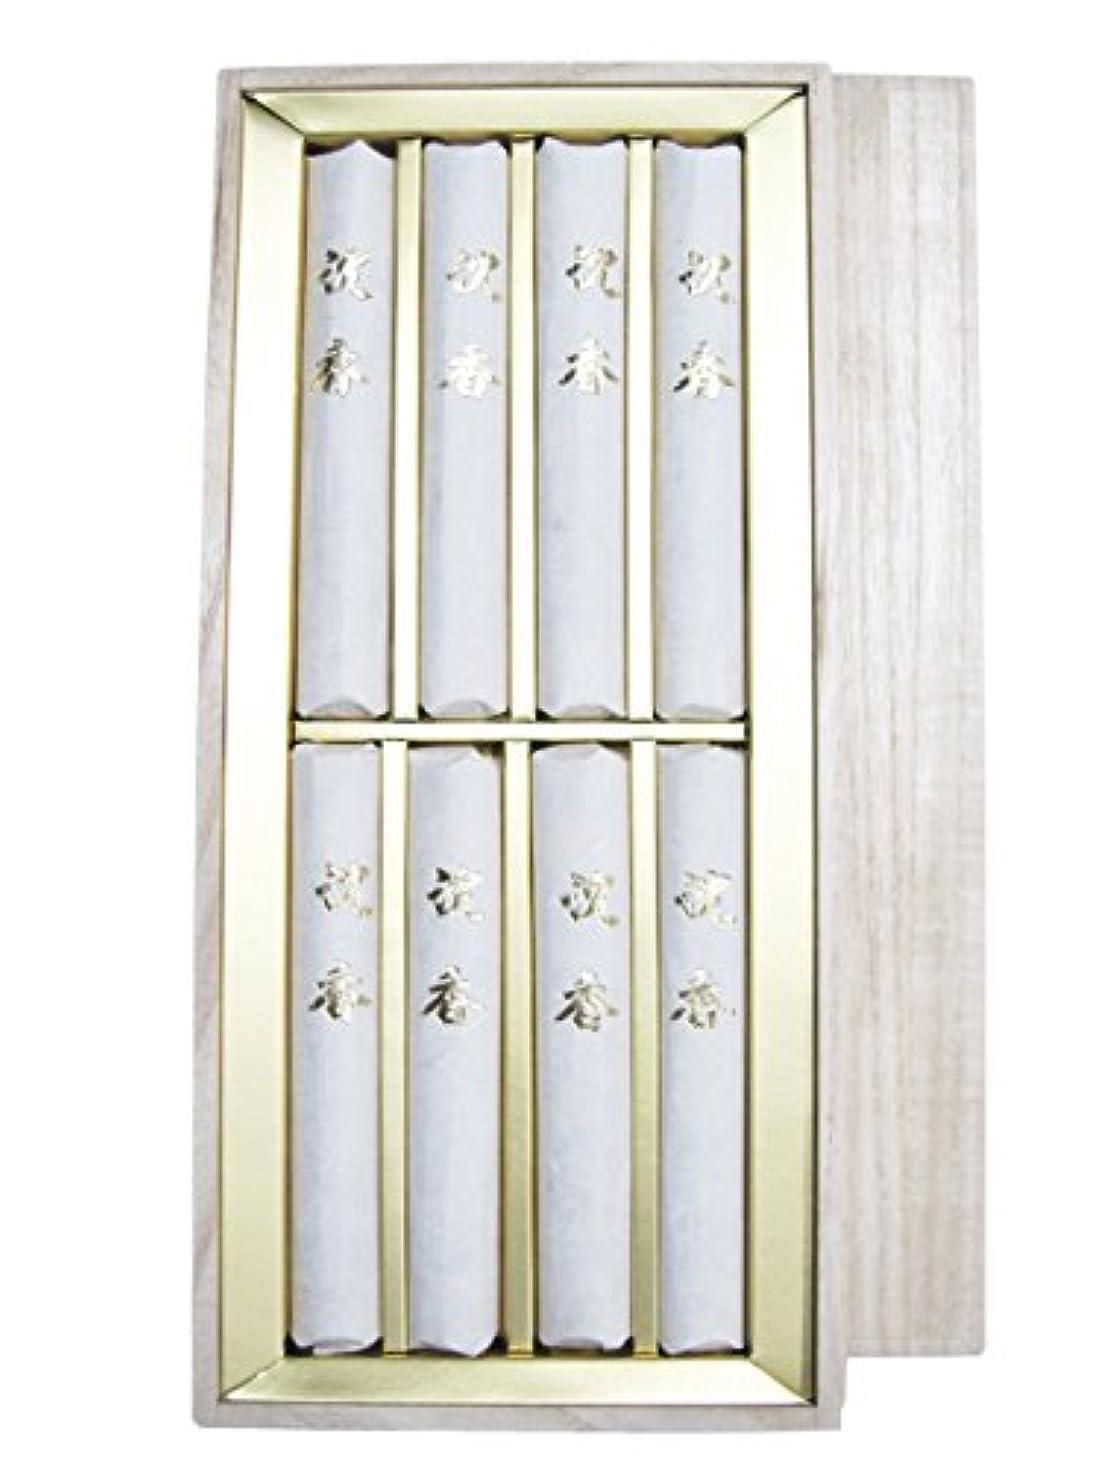 献身一般化する不変淡路梅薫堂のご進物用線香 御線香贈答用 お線香ギフト 日本製 お供え物 高級品 高級線香 沈香 侘び寂び 桐箱 agarwood incense sticks wabisabi マケプレプライム #818